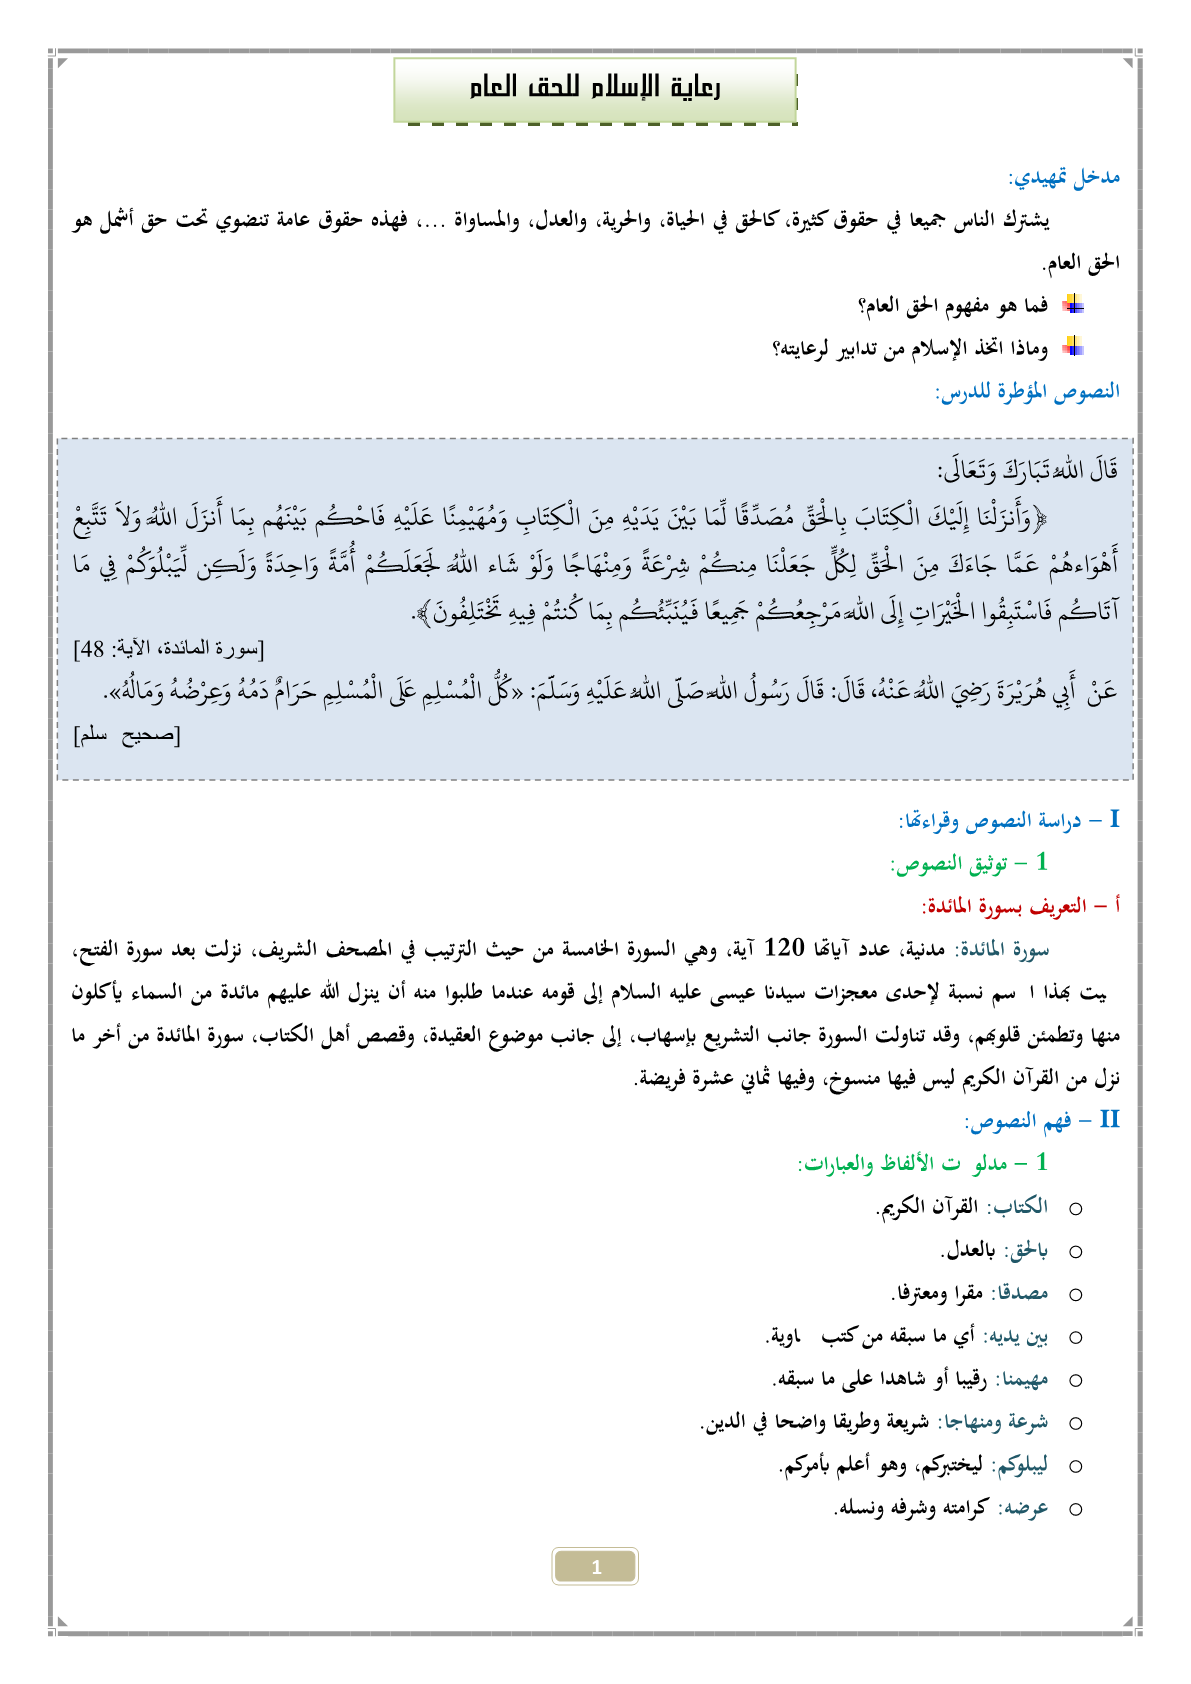 درس رعاية الإسلام للحق العام مادة التربية الإسلامية للسنة الثالثة إعدادي